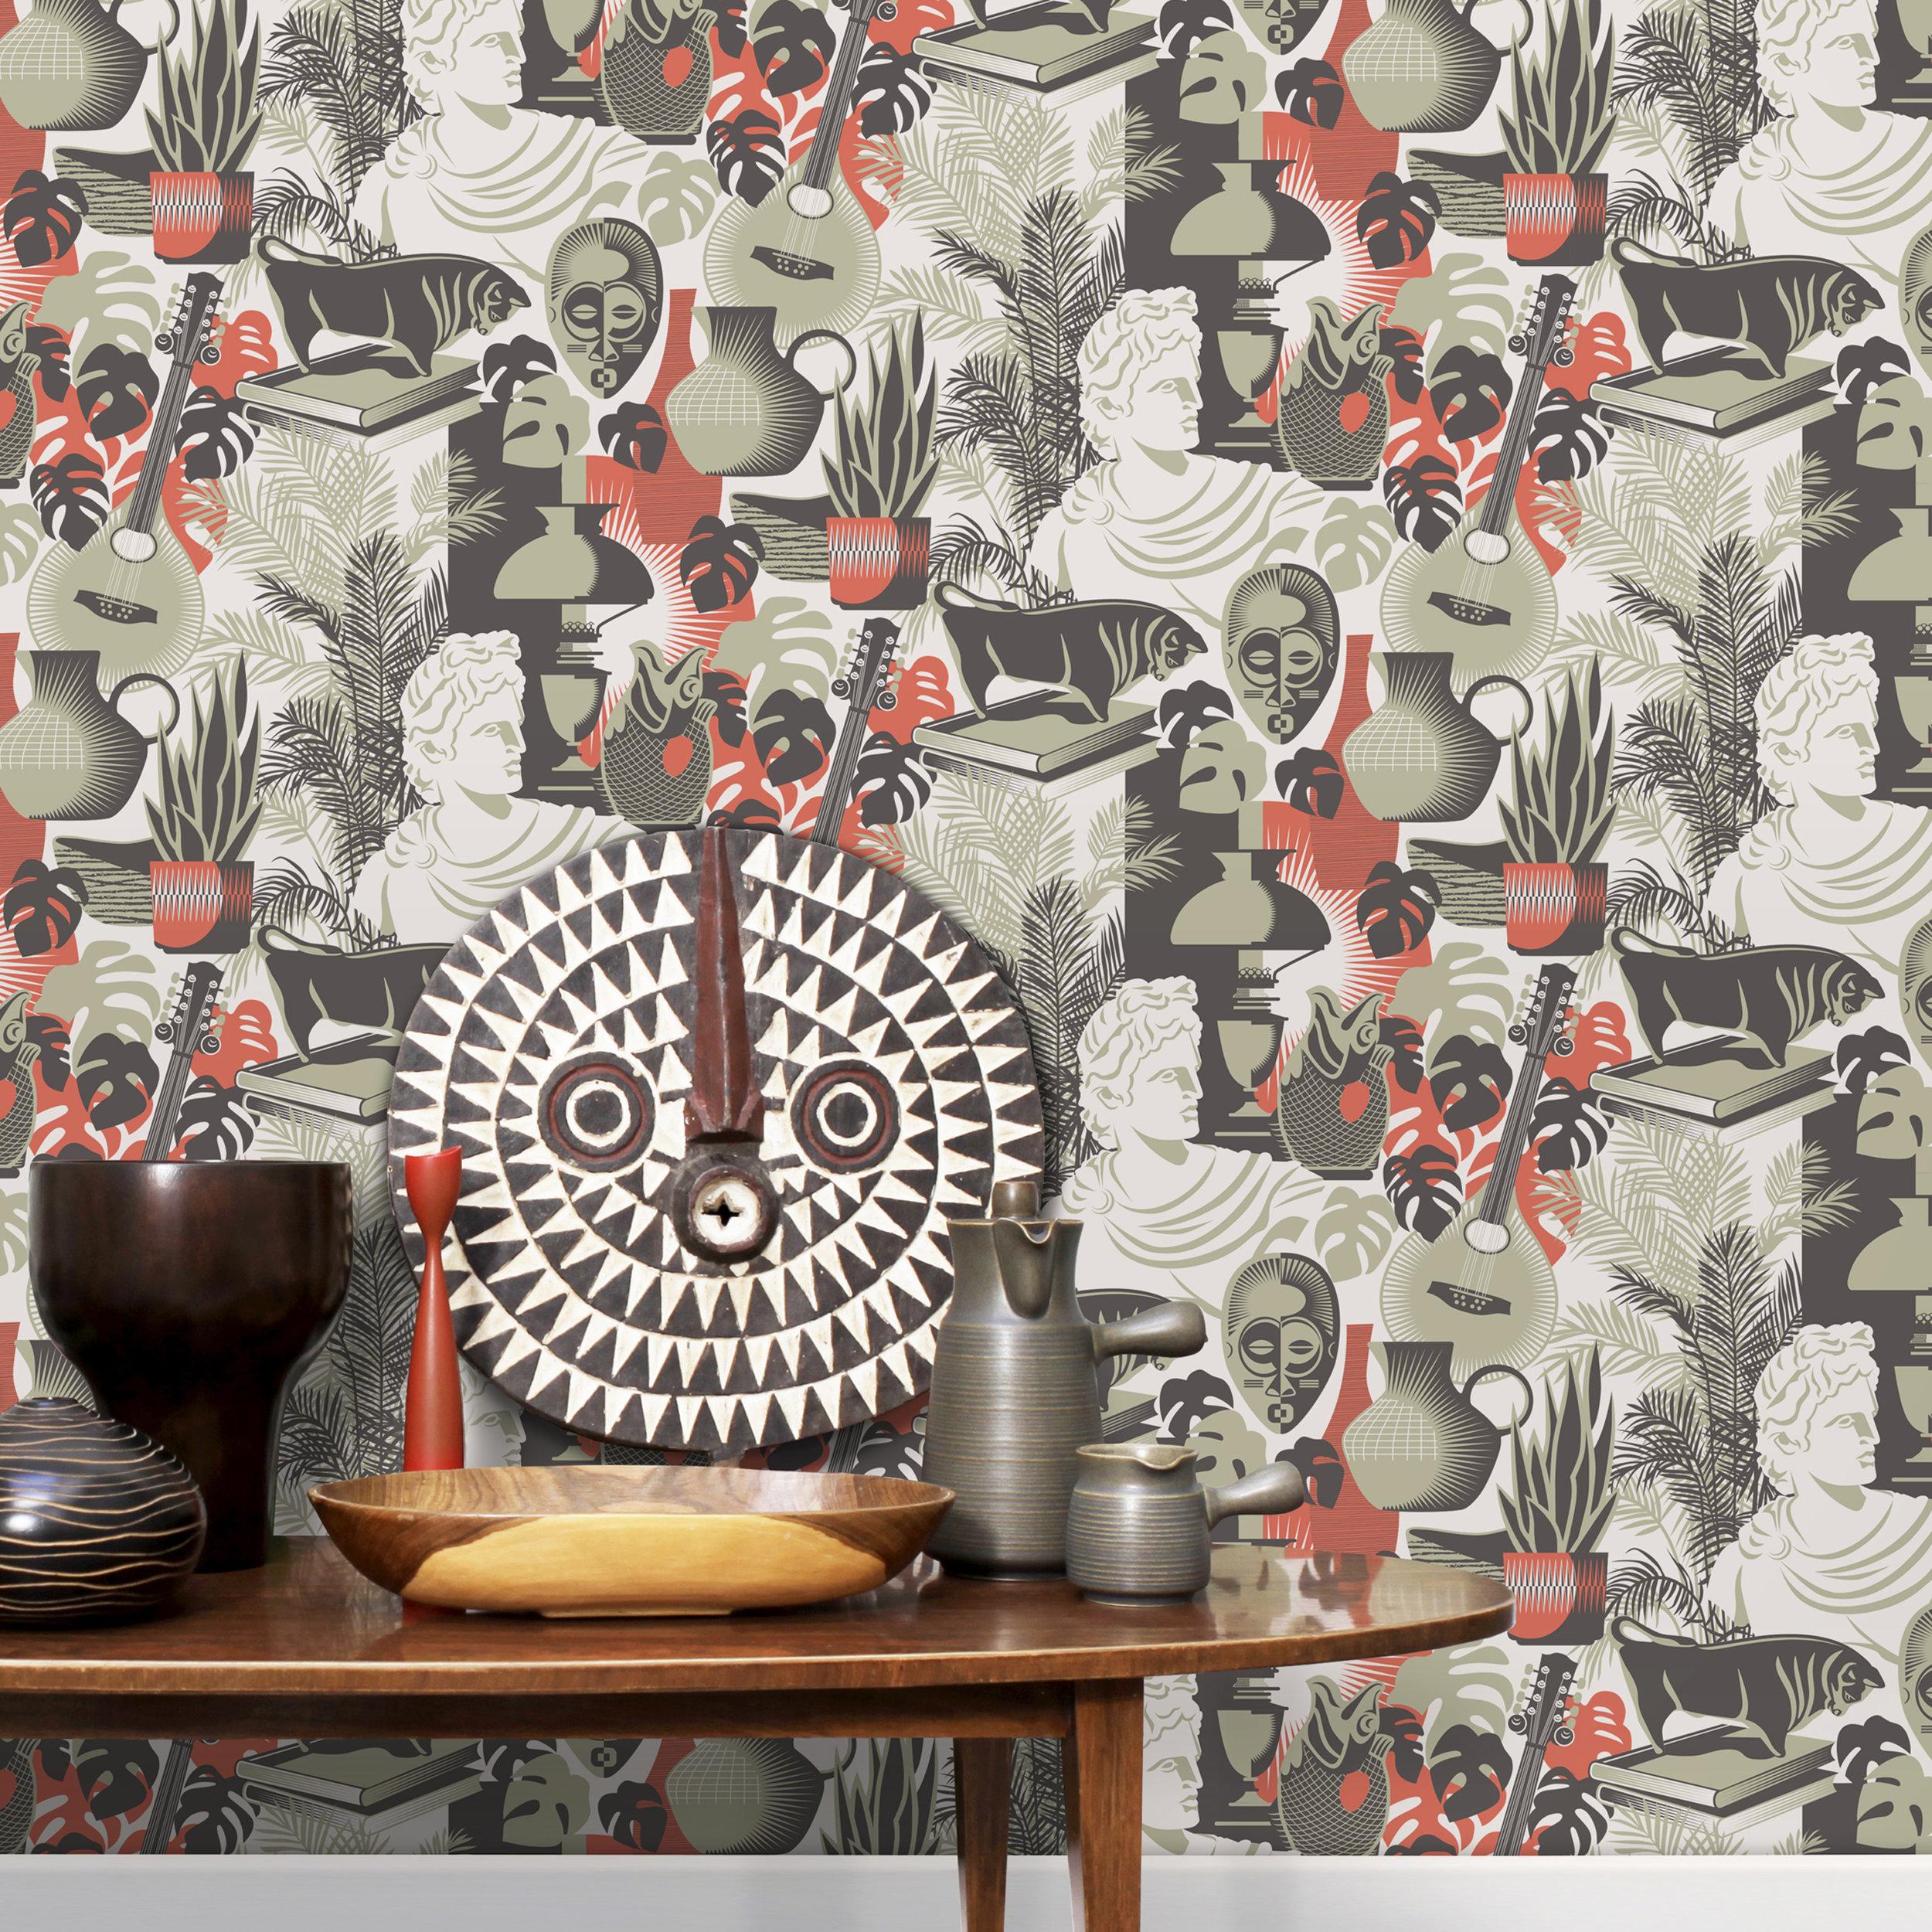 MM_Art_Room_British_Lichen_insitu_crop2.jpg